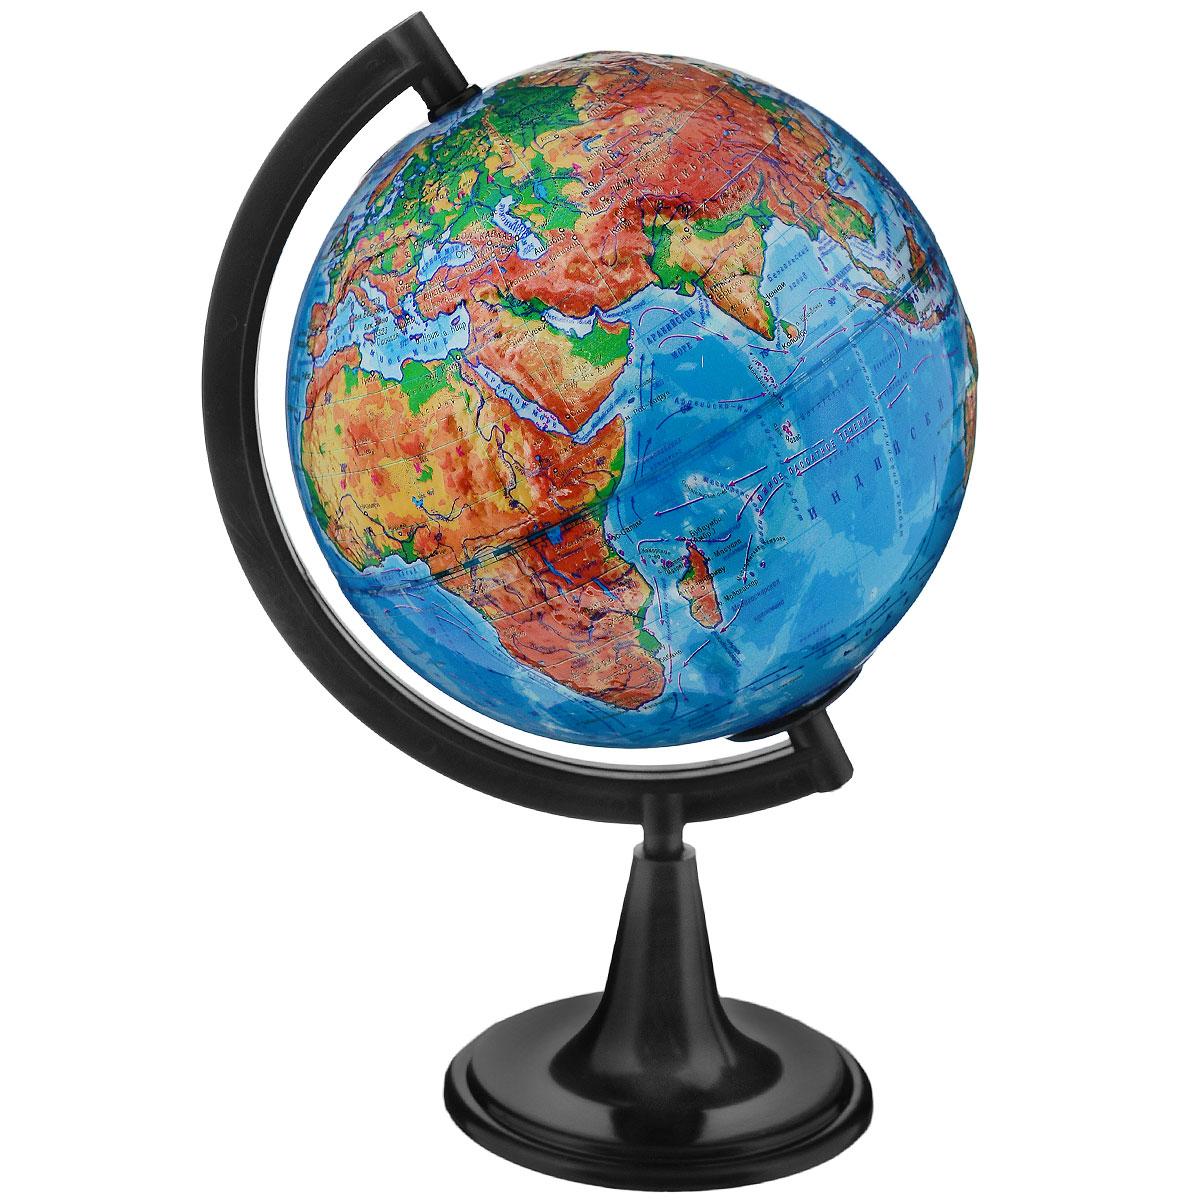 Географический глобус рельефный с физической картой мира станет незаменимым атрибутом обучения не только школьника, но и студента. На глобусе отображены линии картографической сетки, гидрографическая сеть, рельеф суши и морского дна, крупнейшие населенные пункты, теплые и холодные течения. Глобус снабжен меридианом с градусными отметками, а также имеет функцию подсветки от электрической сети. Глобус является уменьшенной и практически не искаженной моделью Земли и предназначен для использования в качестве наглядного картографического пособия, а также для украшения интерьера квартир, кабинетов и офисов. Красочность, повышенная наглядность визуального восприятия взаимосвязей, отображенных на глобусе объектов и явлений, в сочетании с простотой выполнения по нему различных измерений делают глобус доступным широкому кругу потребителей для получения разнообразной познавательной, научной и справочной информации о Земле. Глобус на оригинальной пластиковой подставке черного...